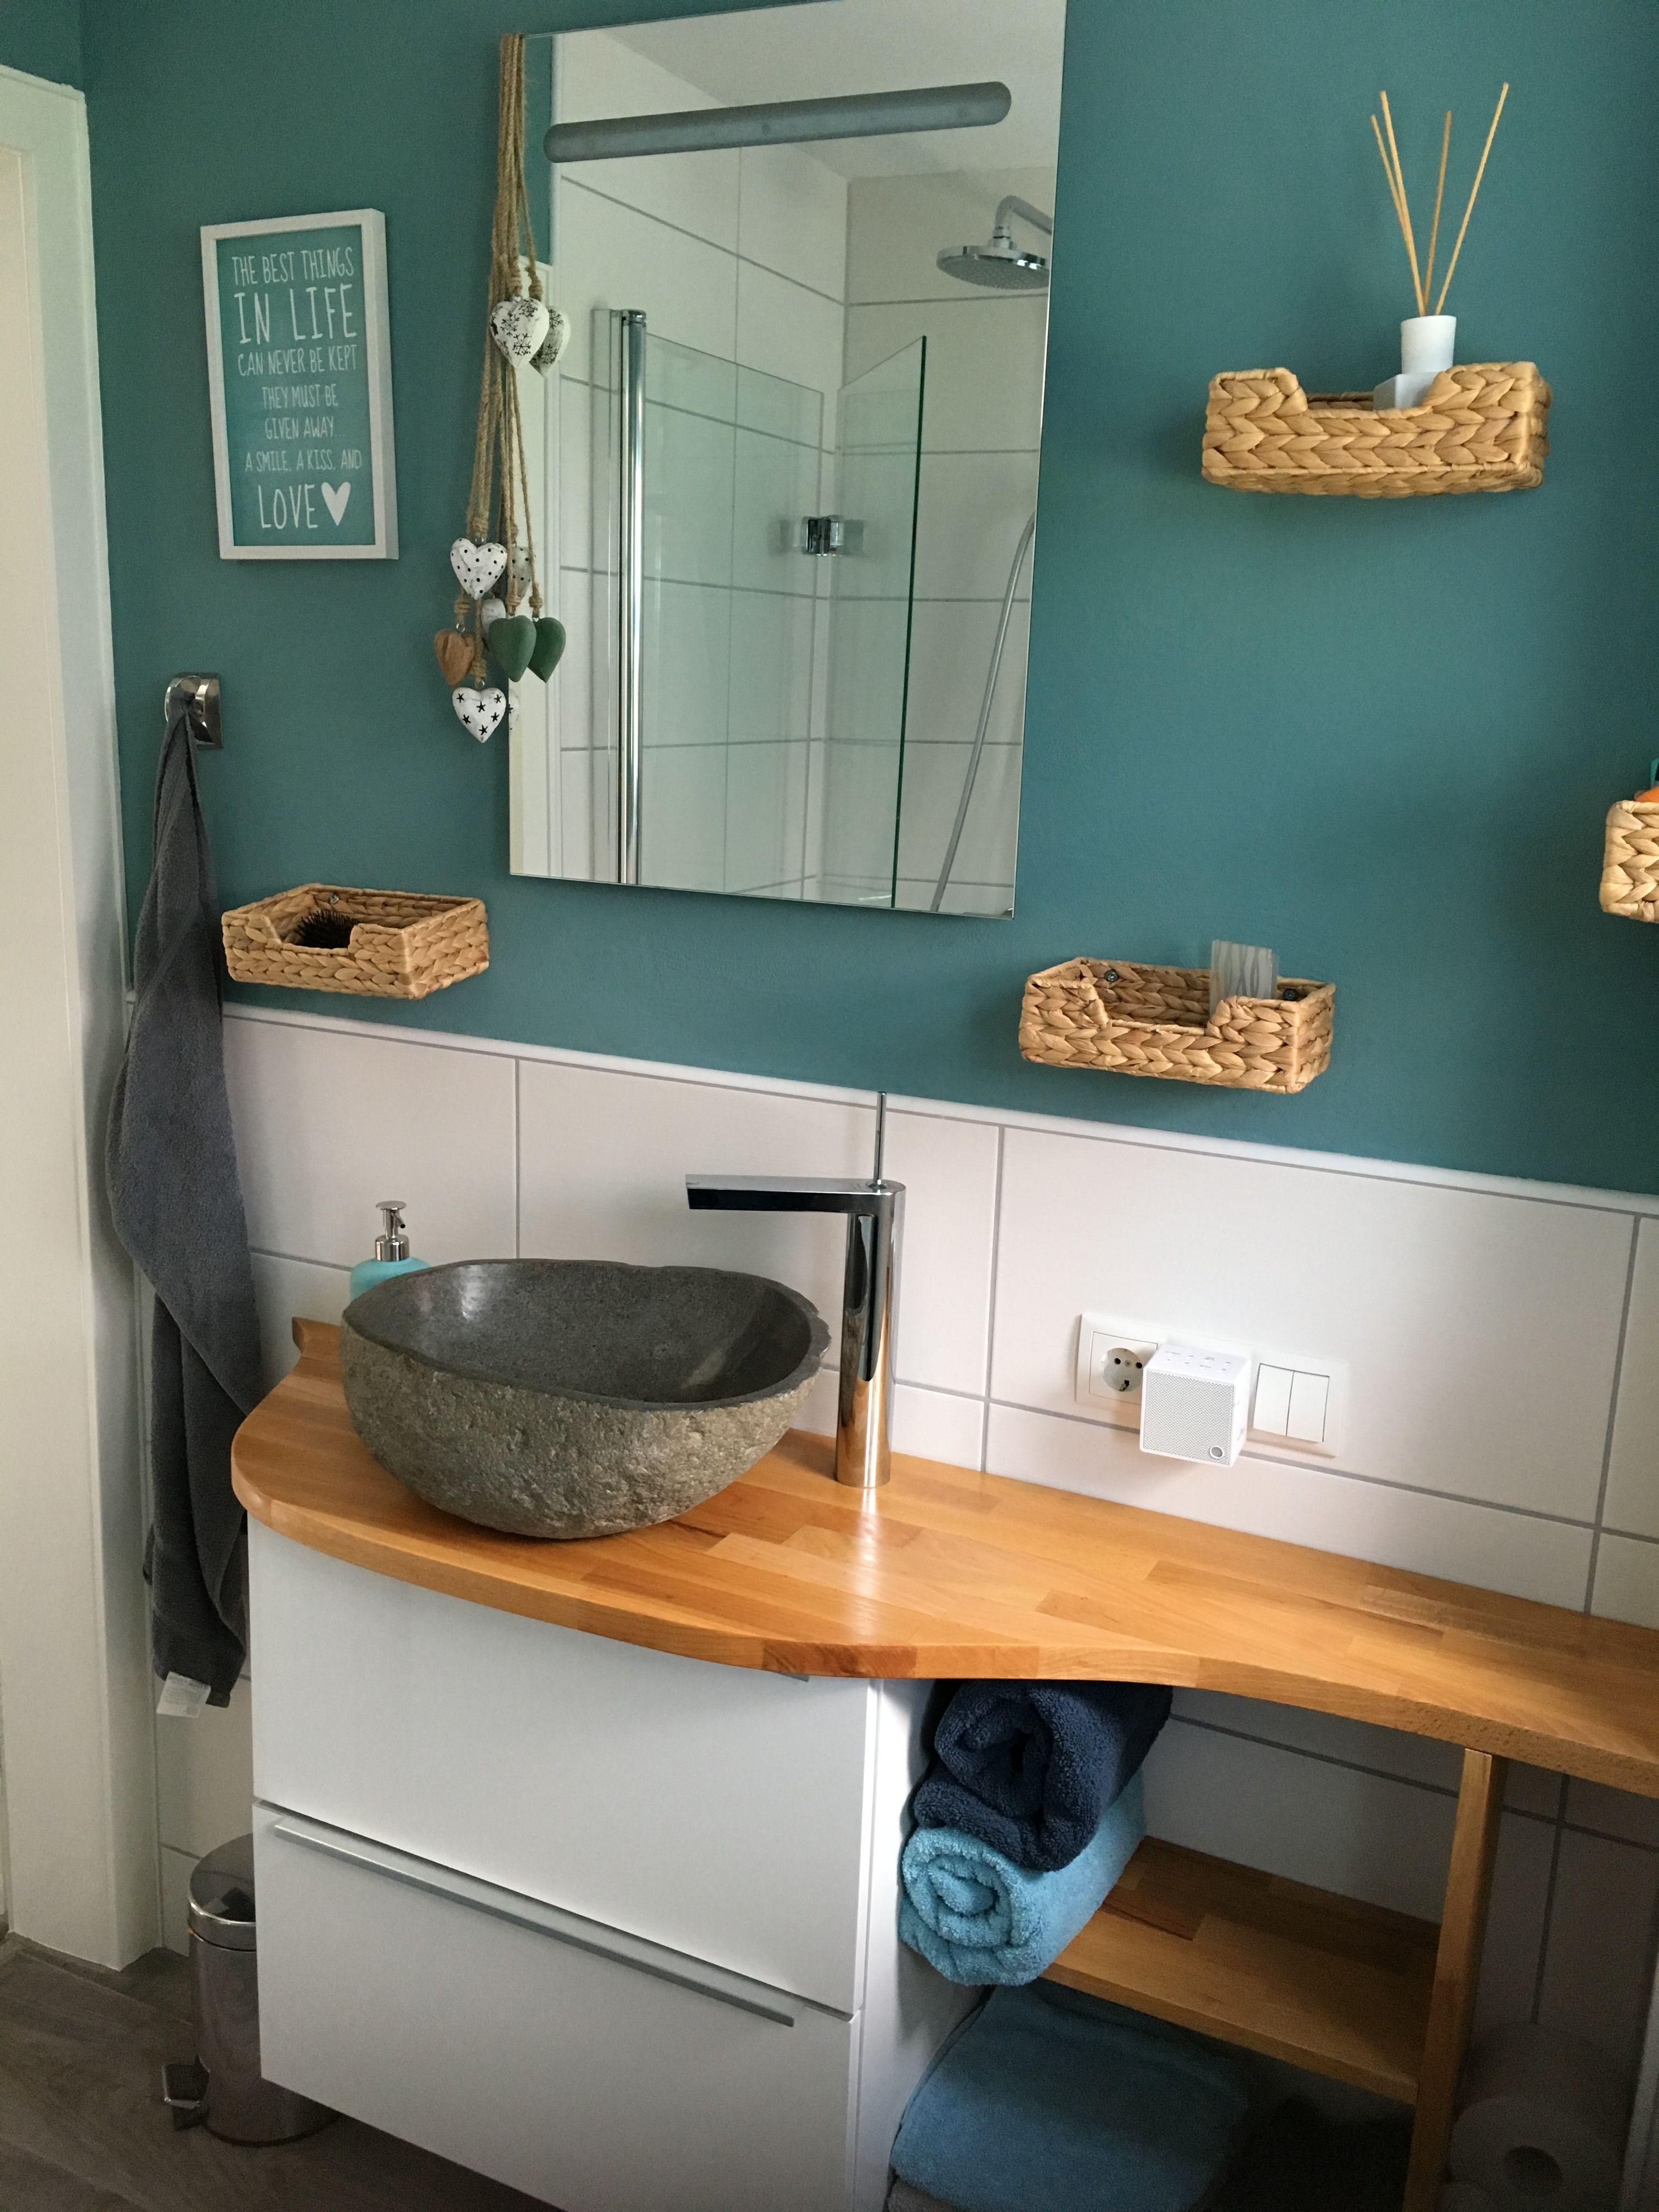 Kleines Bad Mit Diy Waschtisch Mit Natursteinwaschbecken Aus Ikea Godmorgon Unterschrank Ikea Godmorgon Unterschrank Unterschrank Bad